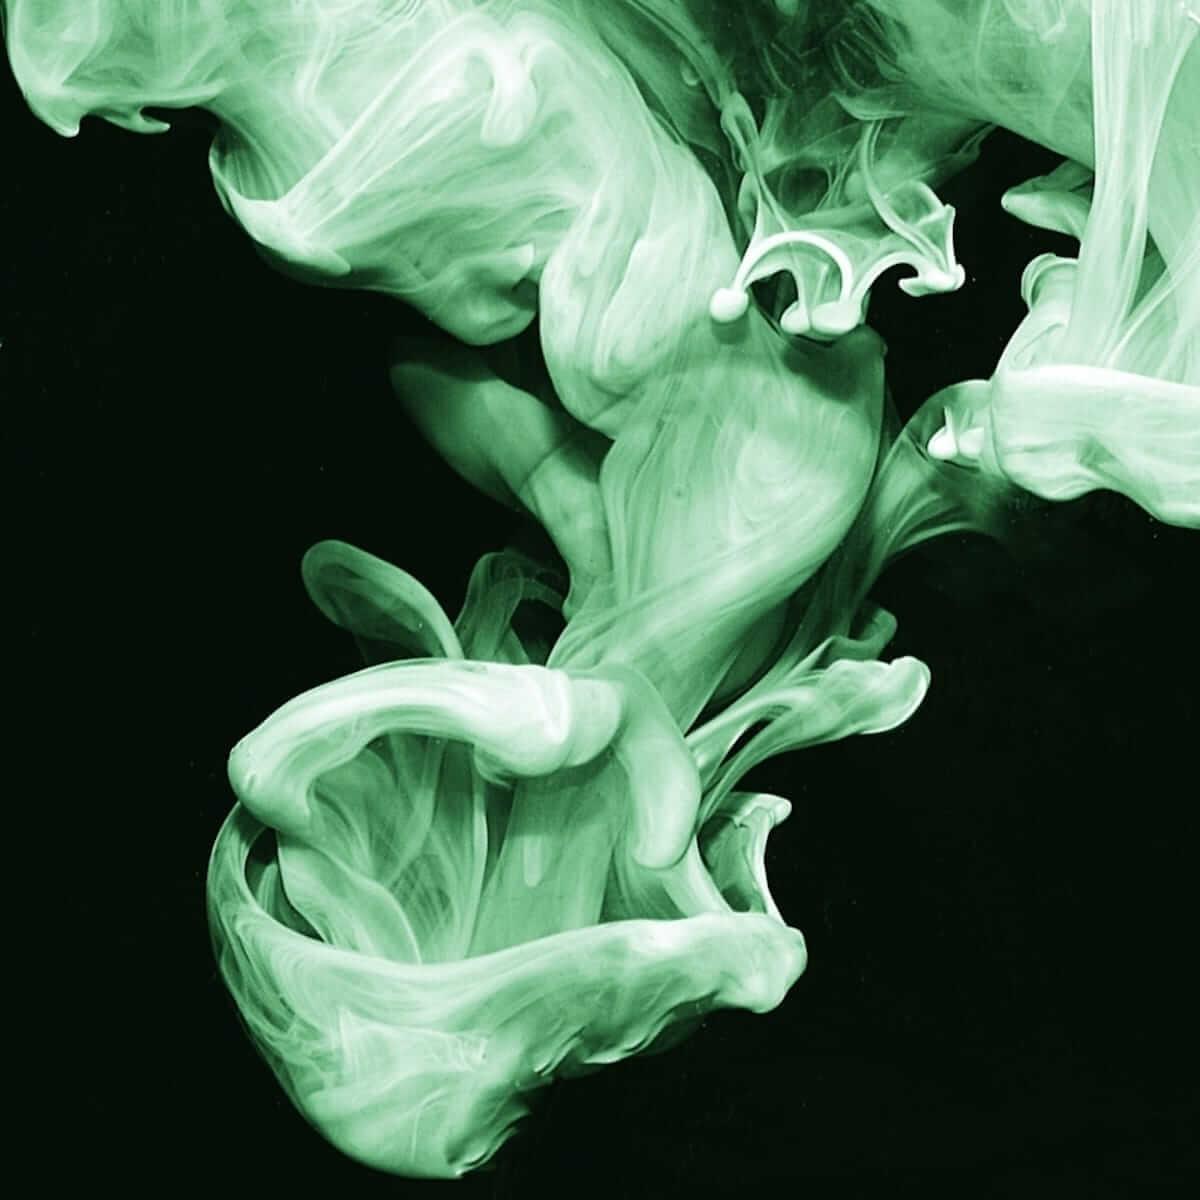 シミアン・モバイル・ディスコ、新EPリリース!ディープ・スロート・クワイアとのライブが収録! music180713_simianmobiledisco_2-1200x1200